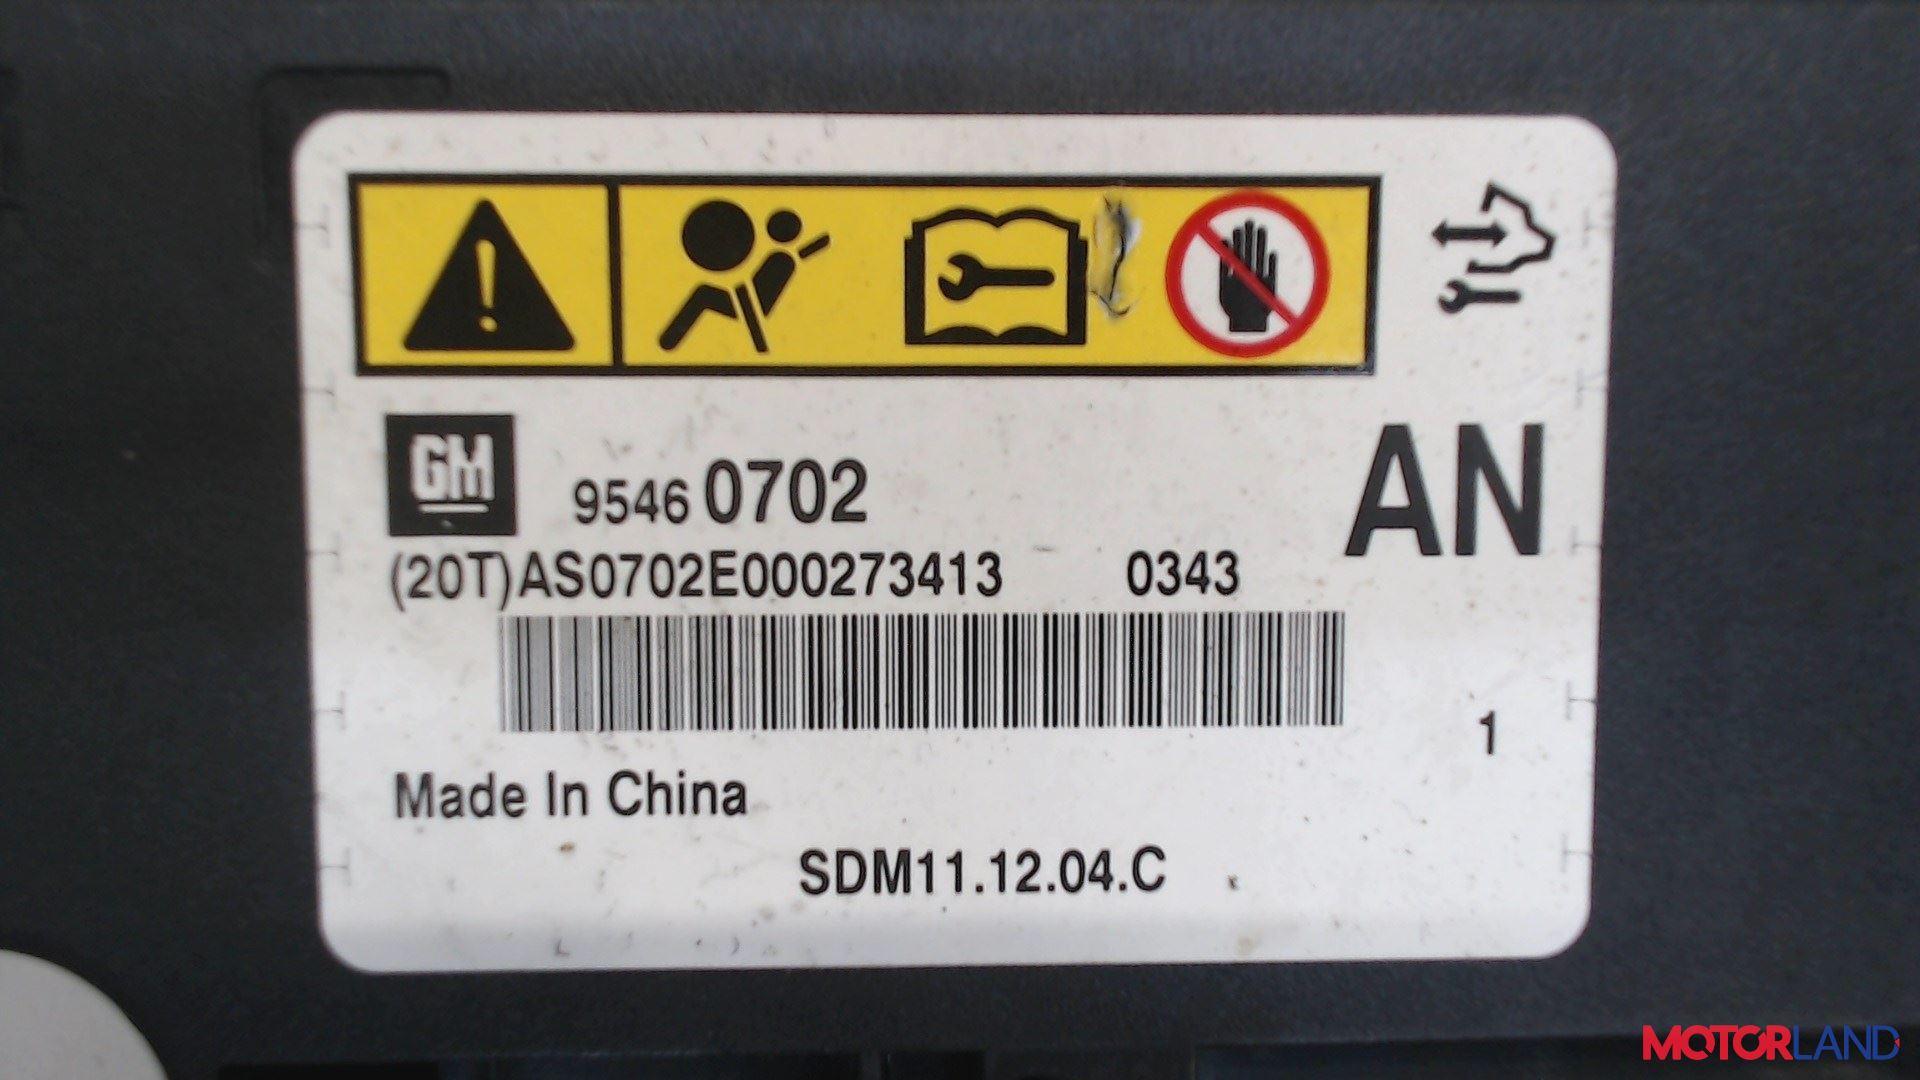 Блок управления (ЭБУ) Audi A6 (C6) 2005-2011 2.4 л. 2005 BDW б/у #2